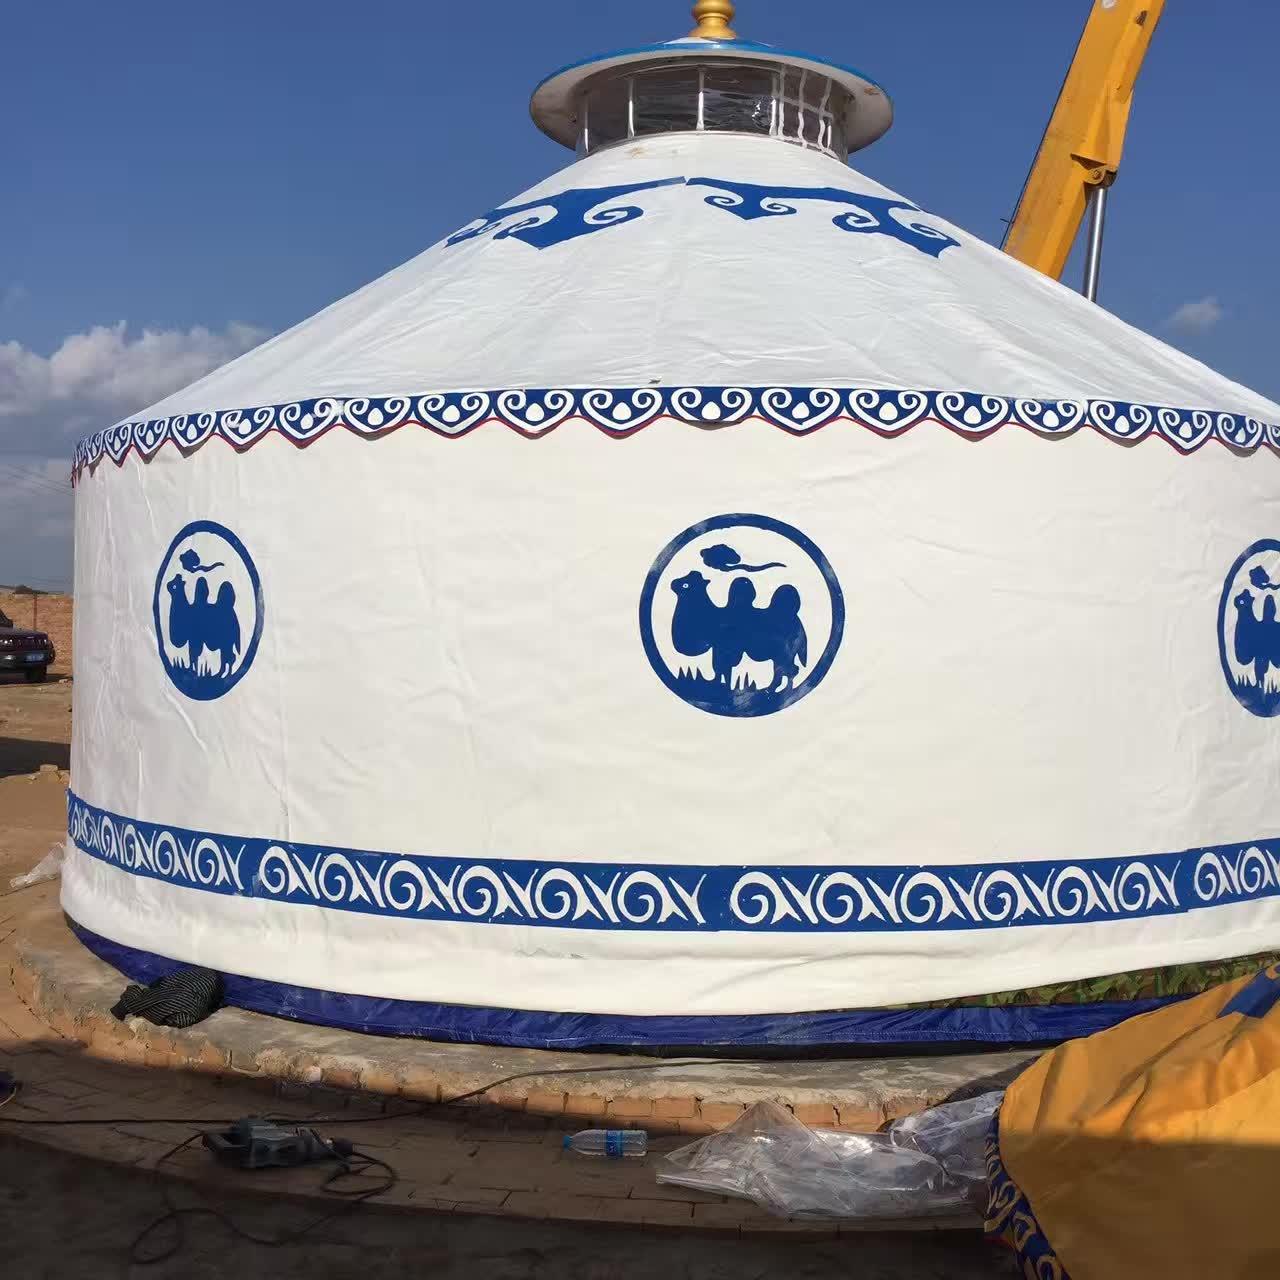 厂家直销直径6米的豪华蒙古包